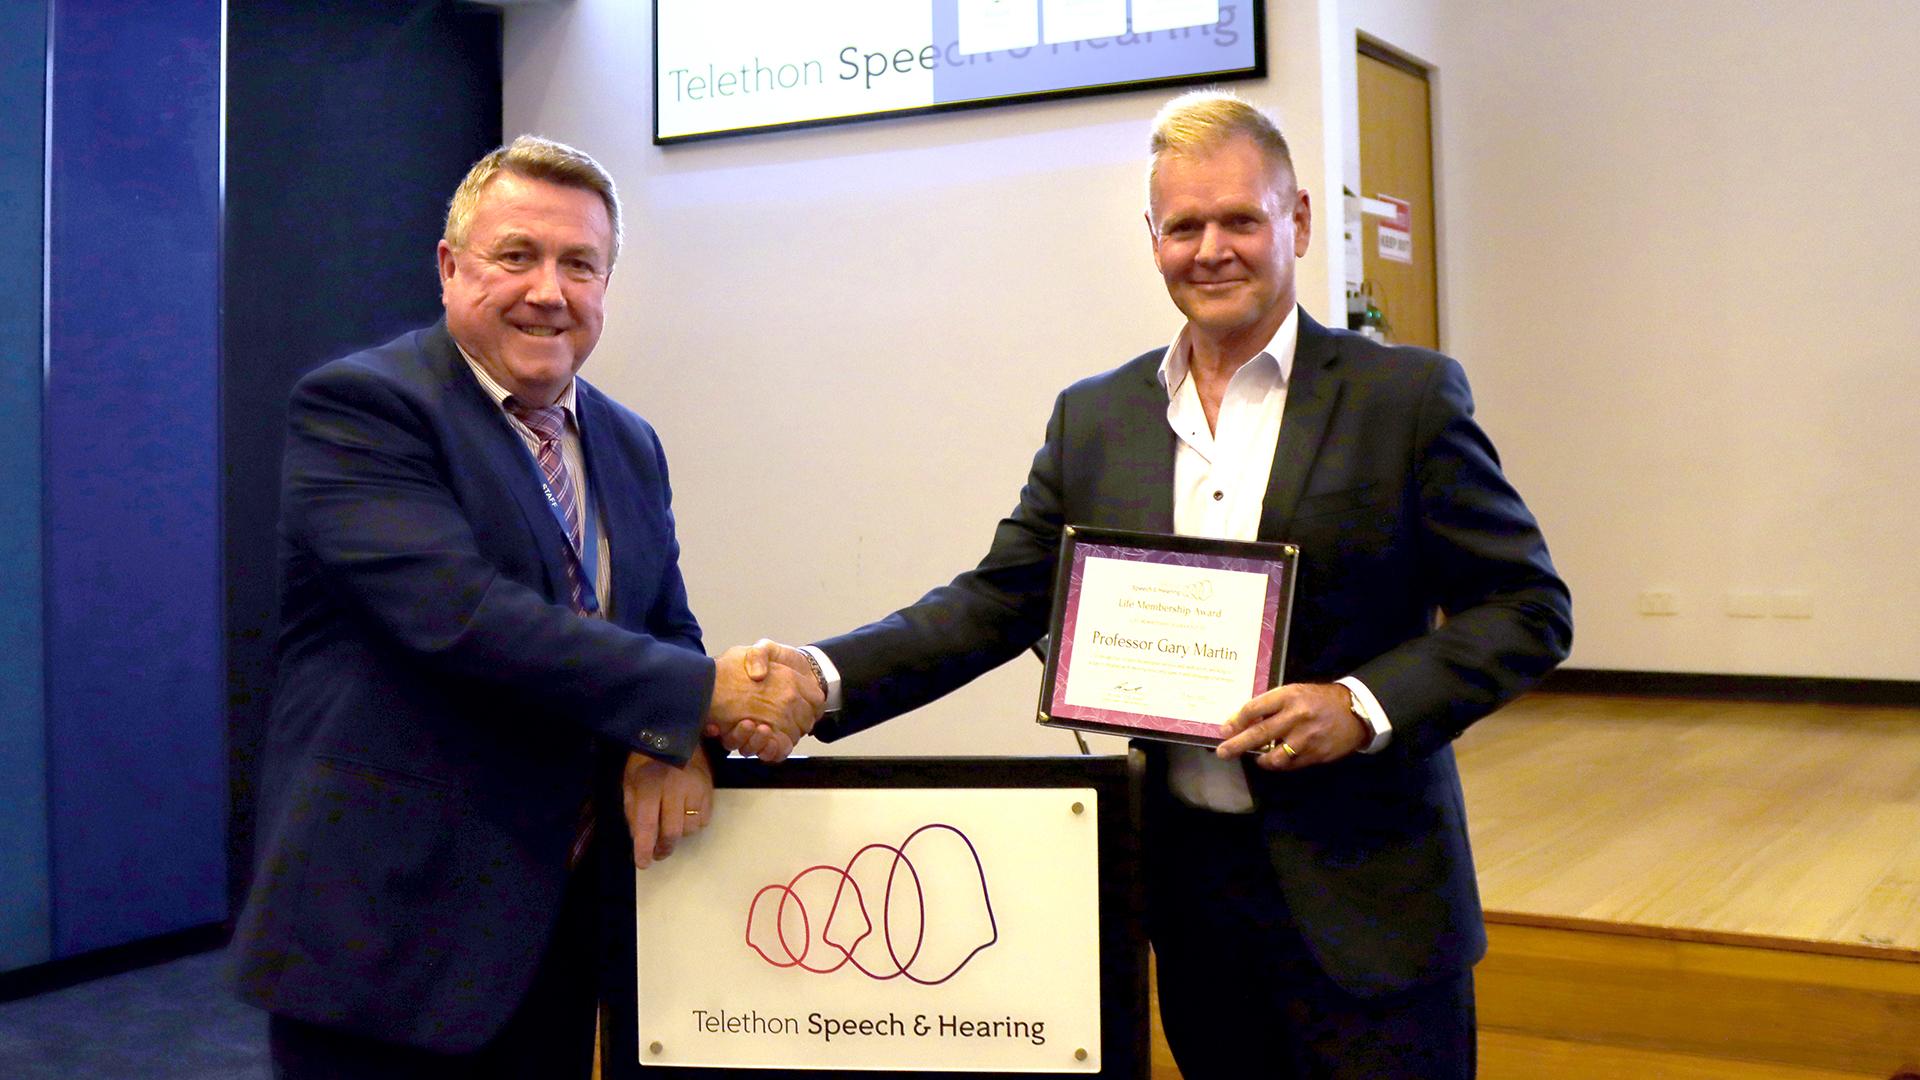 Professor Gary Martin - Honorary Life Membership